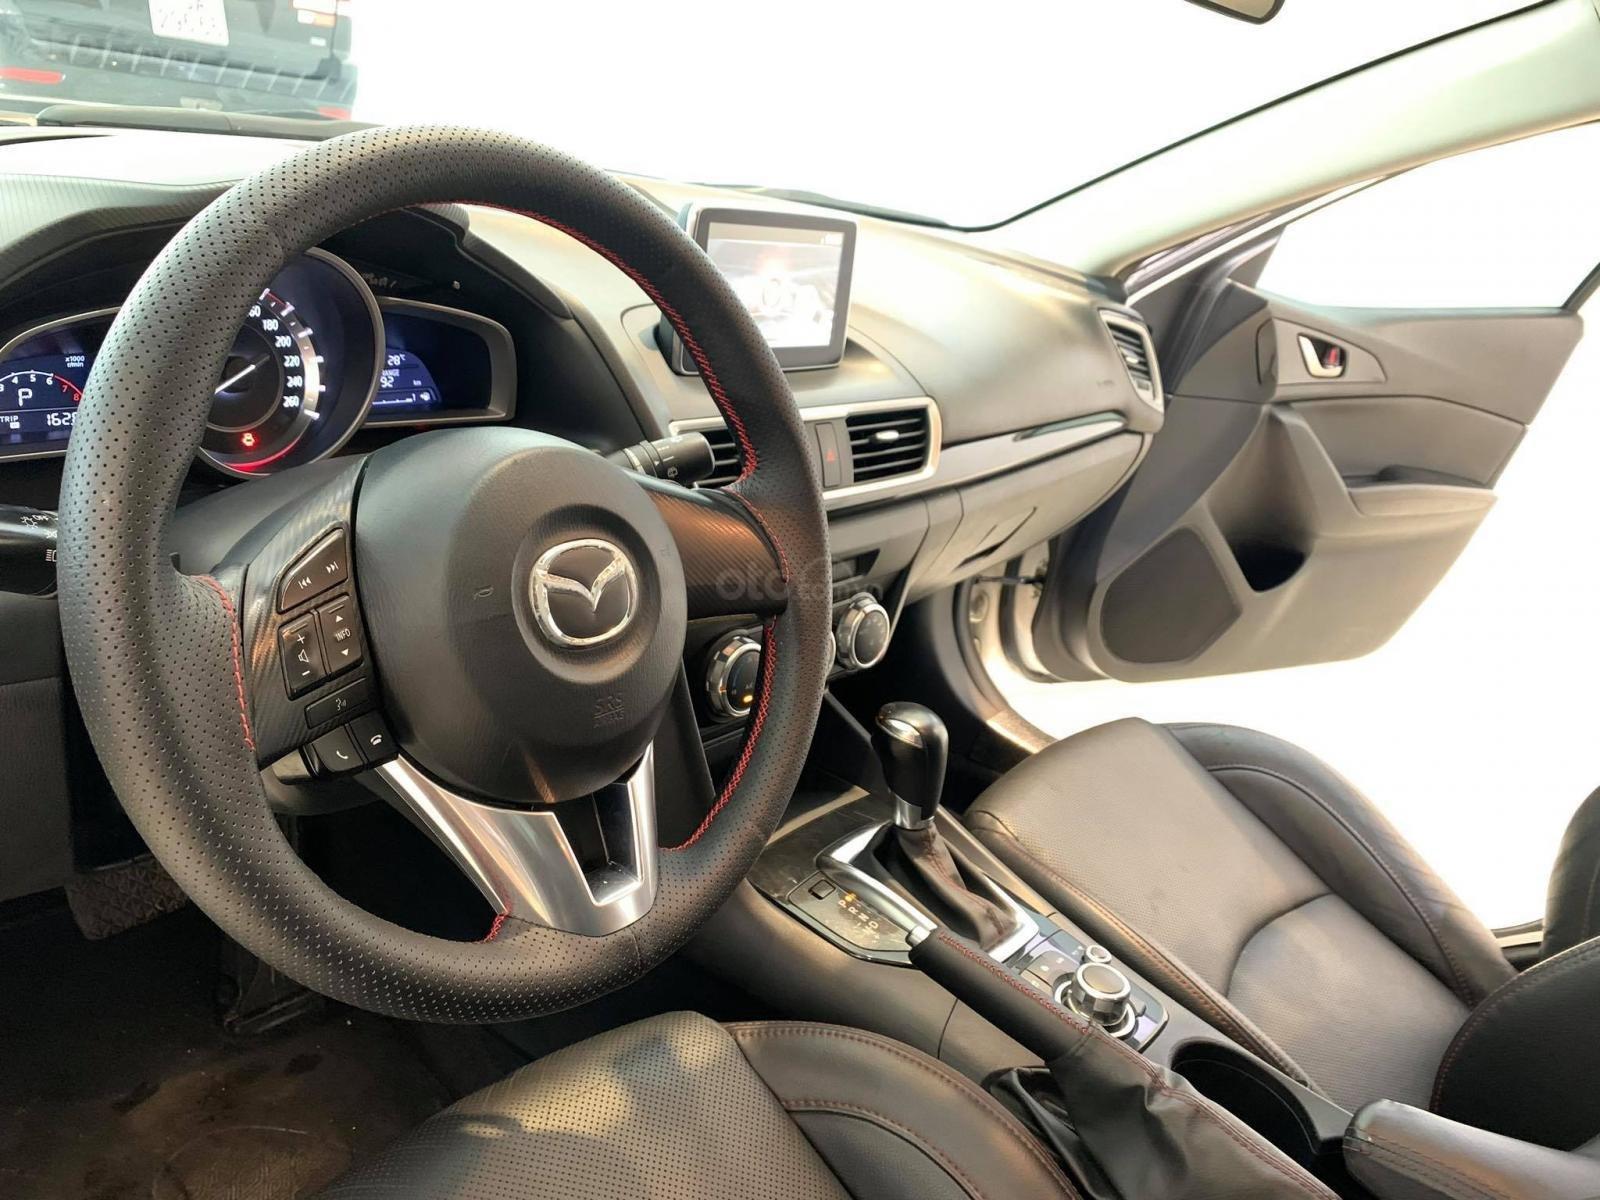 Bán nhanh với giá ưu đãi nhất chiếc Mazda 3 1.5AT sản xuất năm 2015, xe còn mới (6)